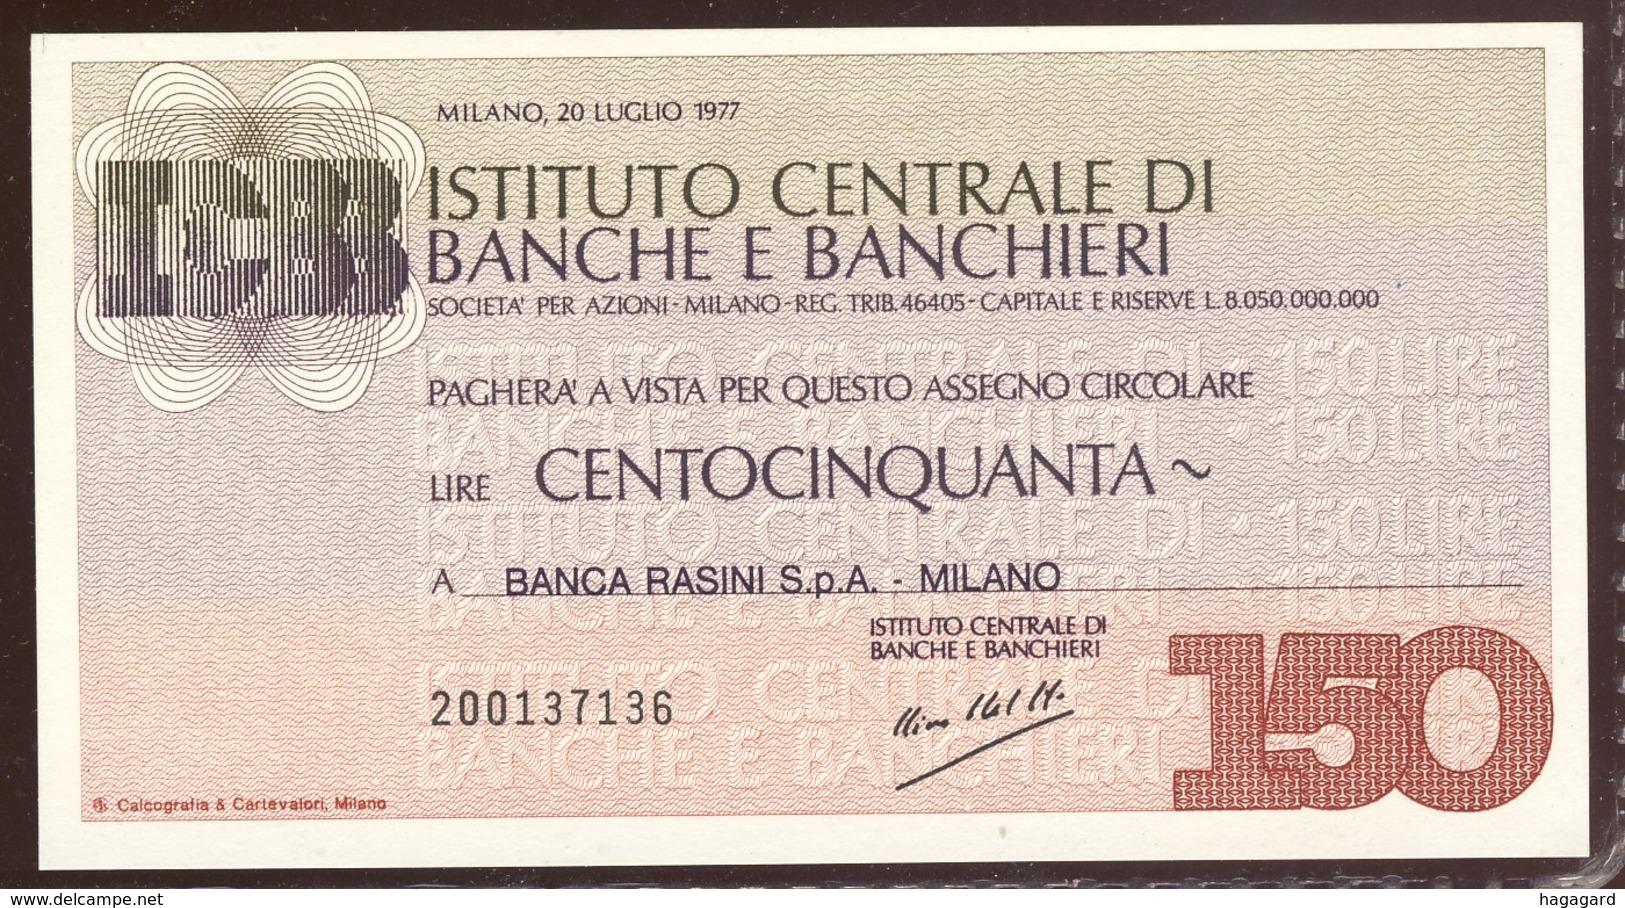 #A1864. Institutio Centrale Di Banche E Banchieri 1977. 150 Lire Note Unused. - Italie